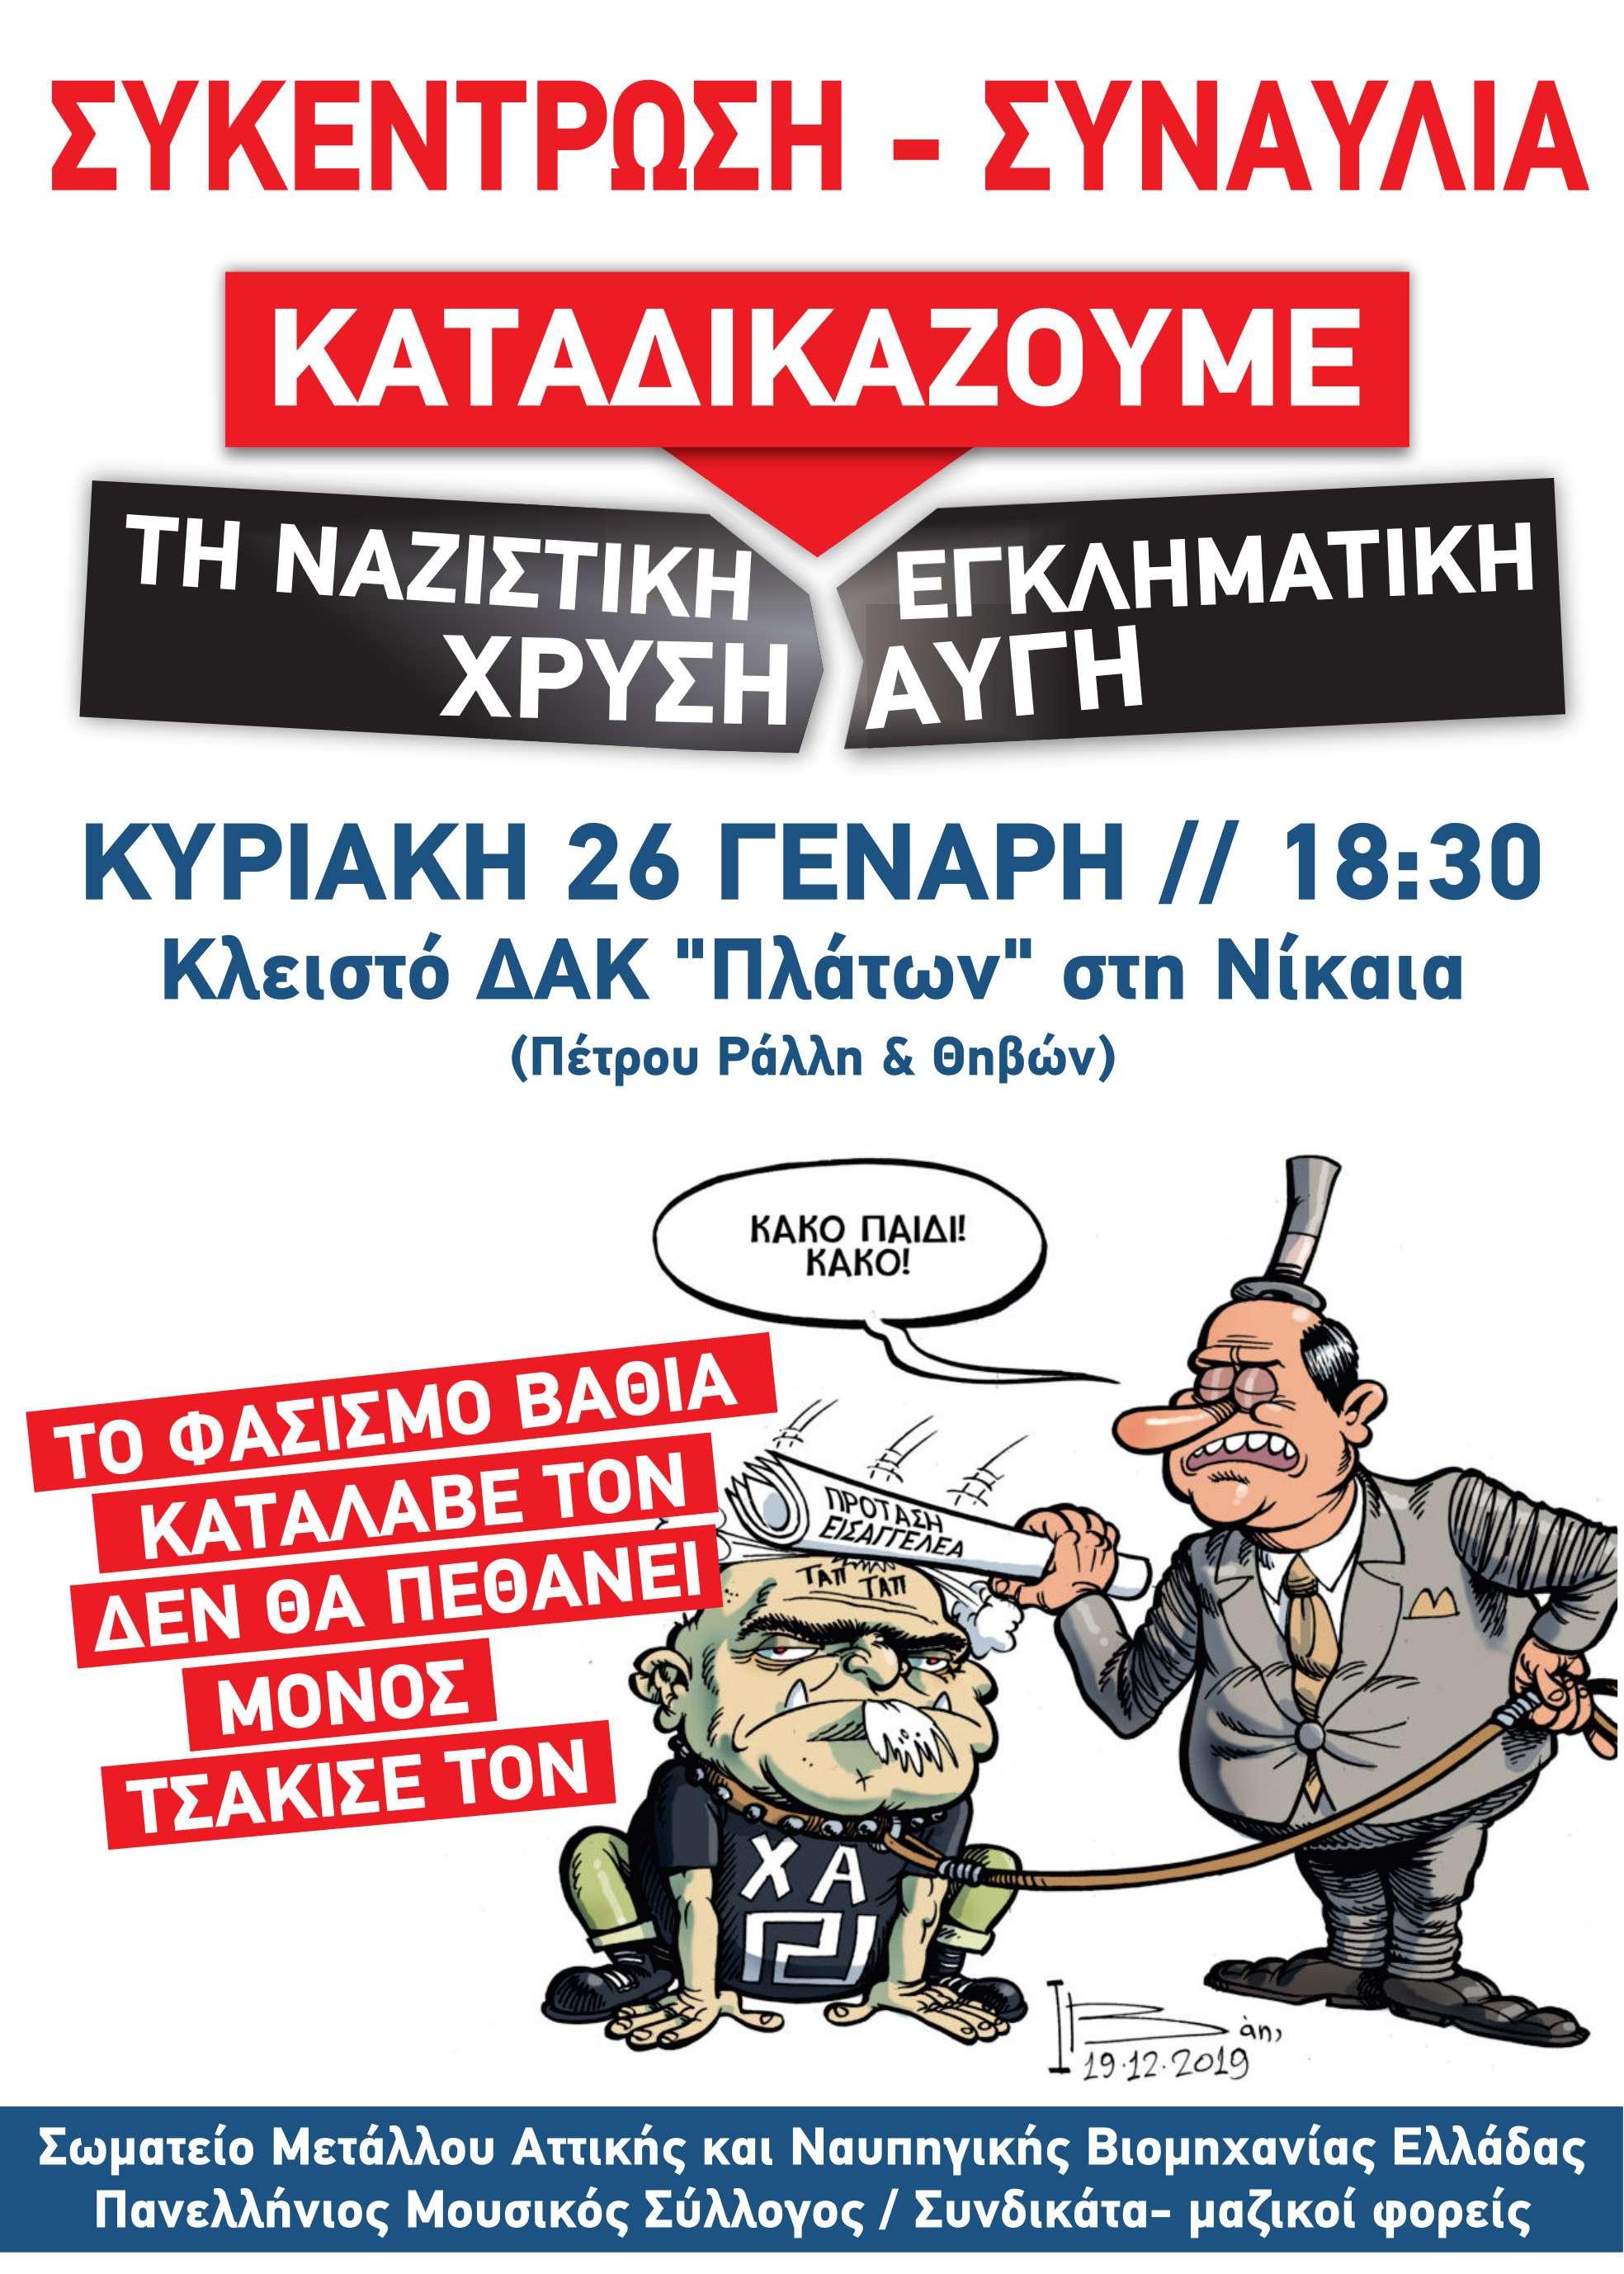 26 Γενάρη η συναυλία παρέμβαση για την καταδίκη της Χρυσής Αυγής αφίσα